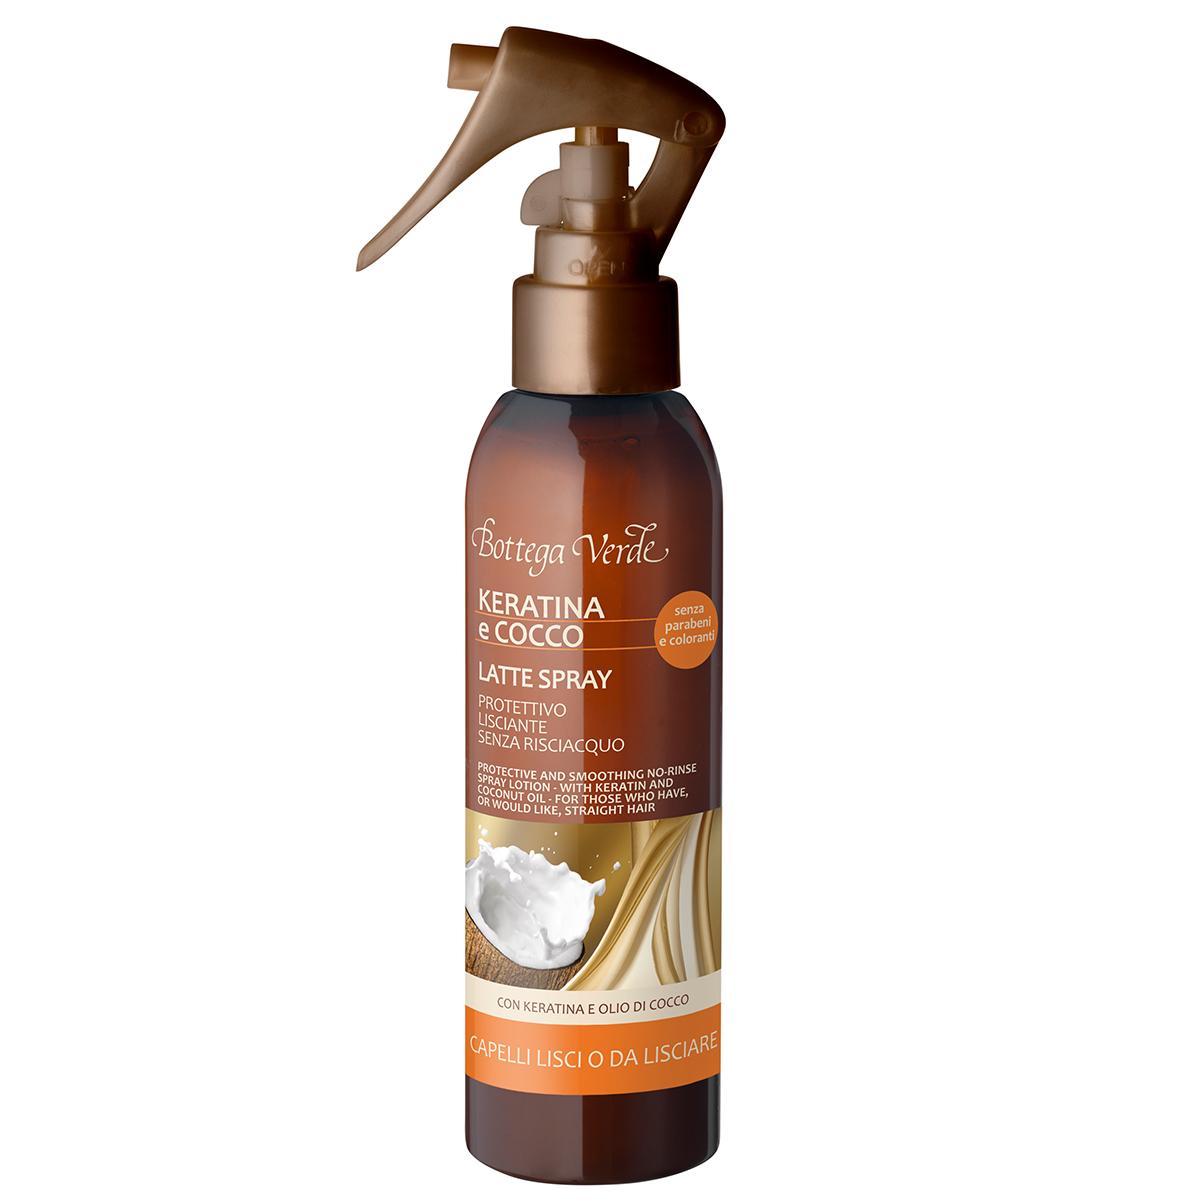 Lapte spray cu keratina si ulei de cocos pentru par predispus la incretire - Keratina e Cocco, 150 ML